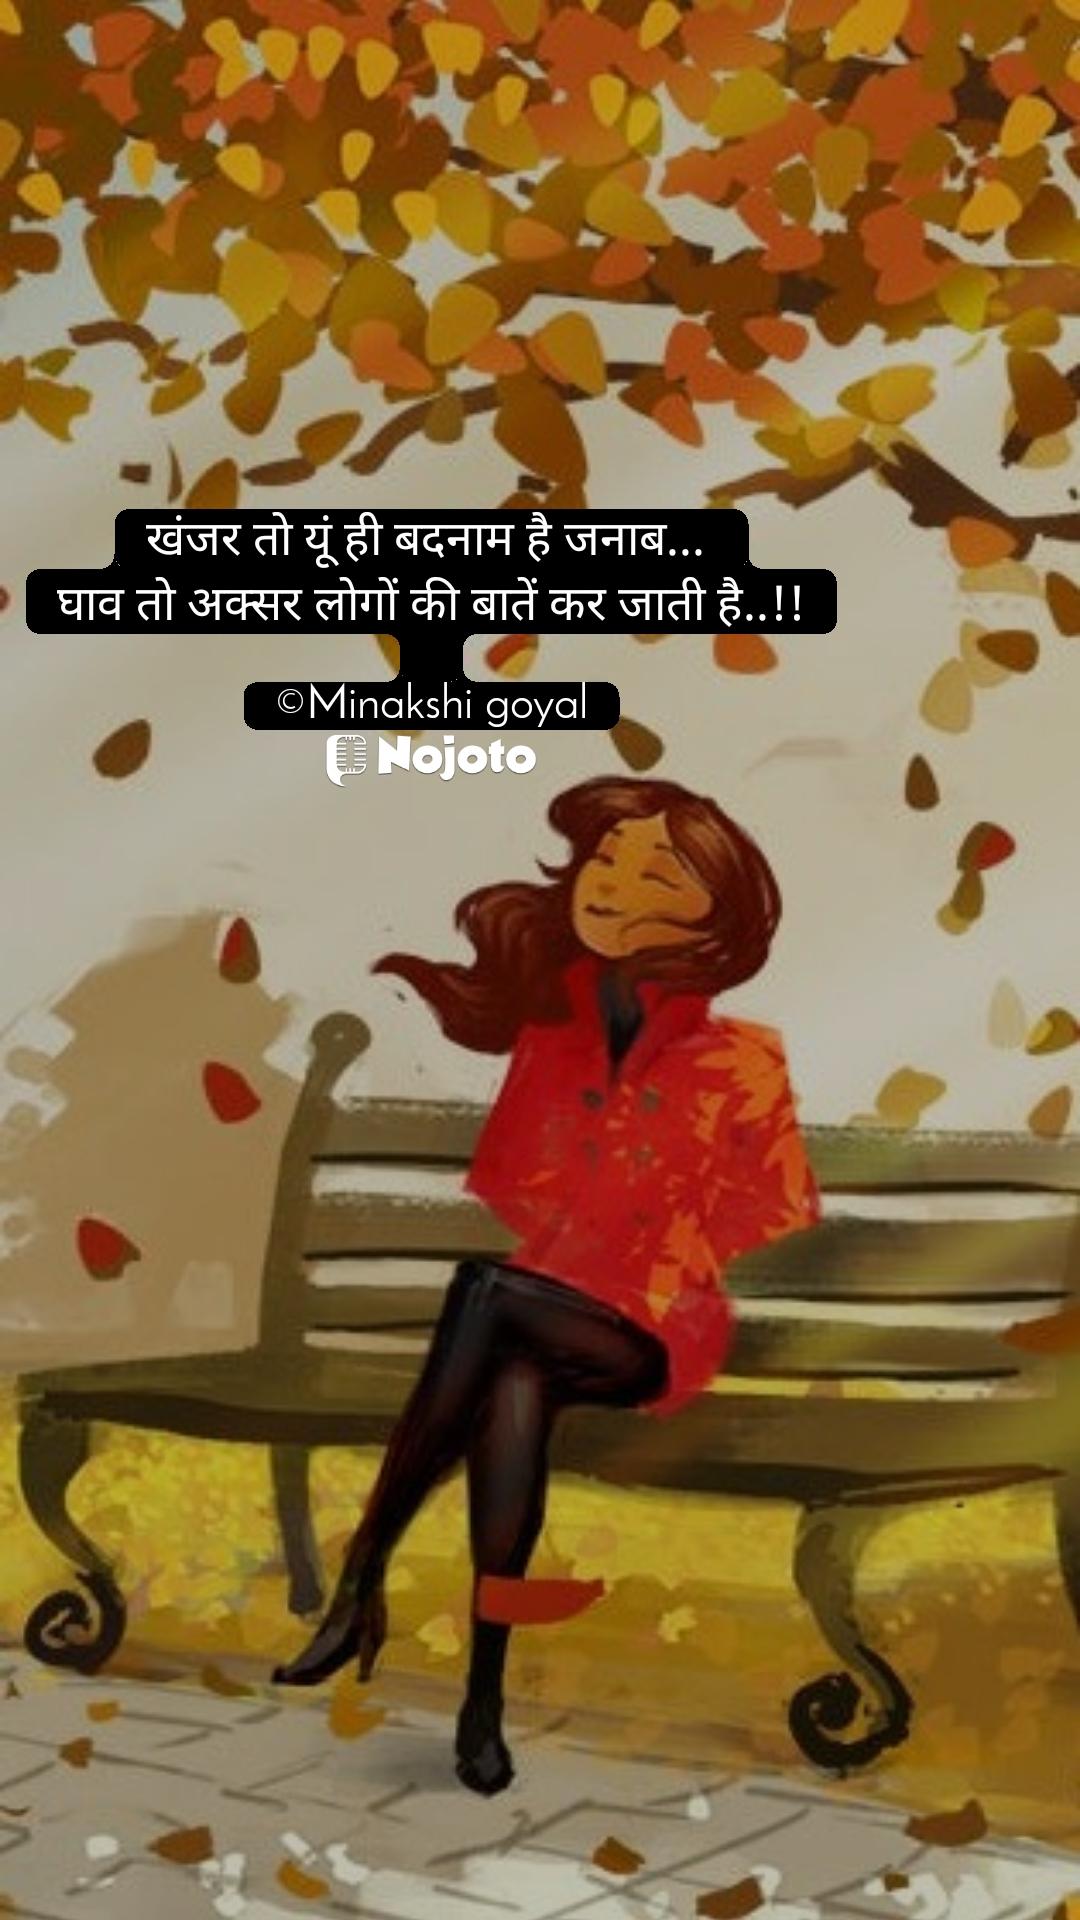 खंजर तो यूं ही बदनाम है जनाब...  घाव तो अक्सर लोगों की बातें कर जाती है..!!  ©Minakshi goyal